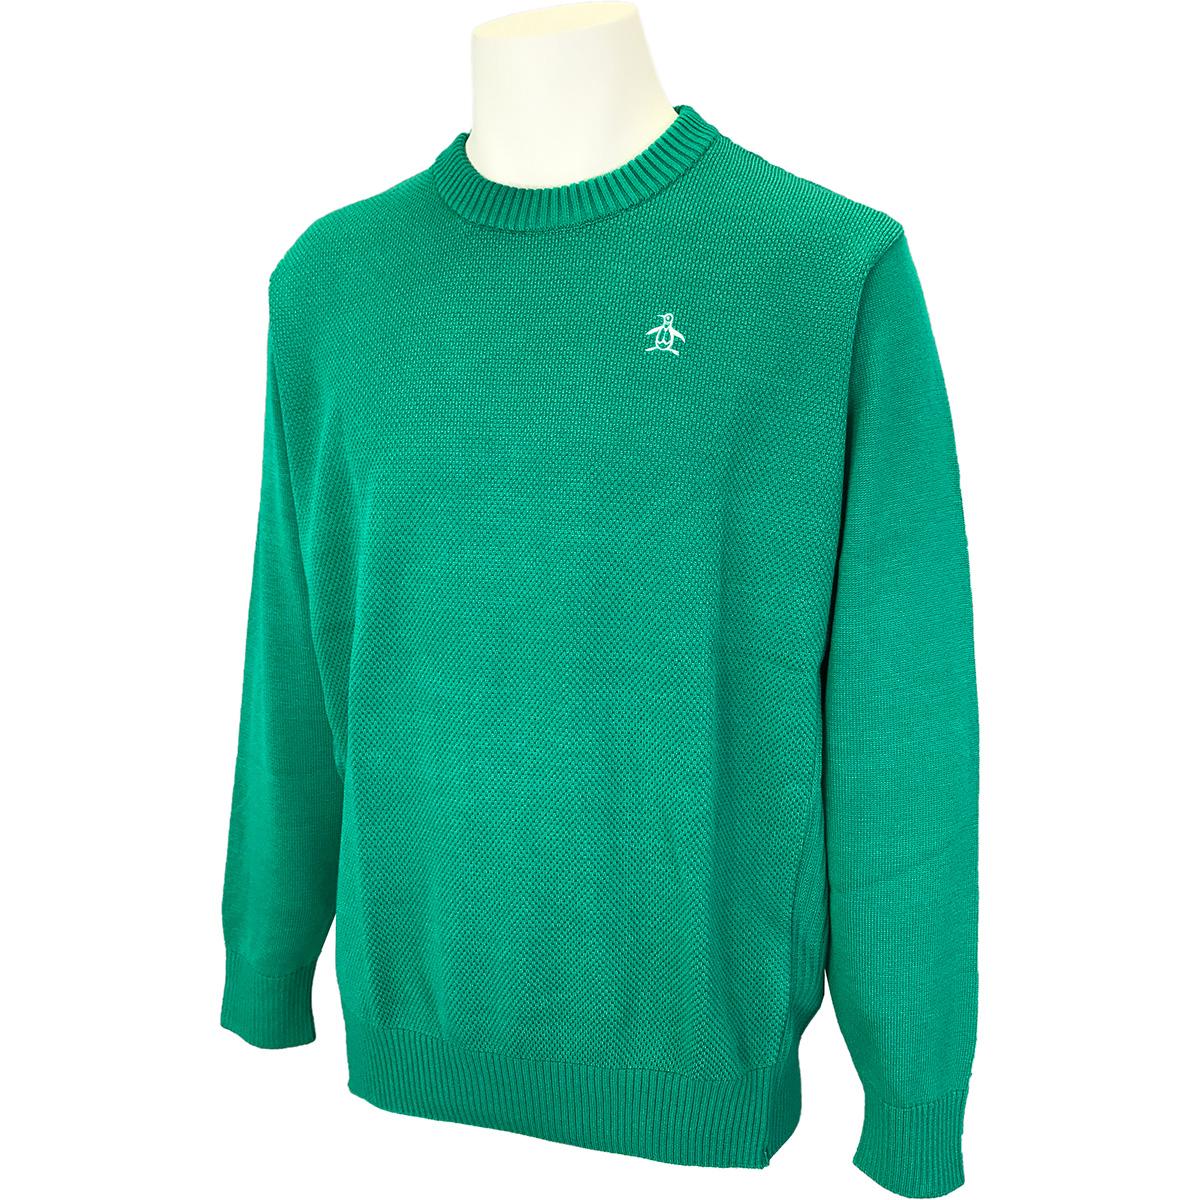 マナードWOOL鹿の子編みクルーネックセーター